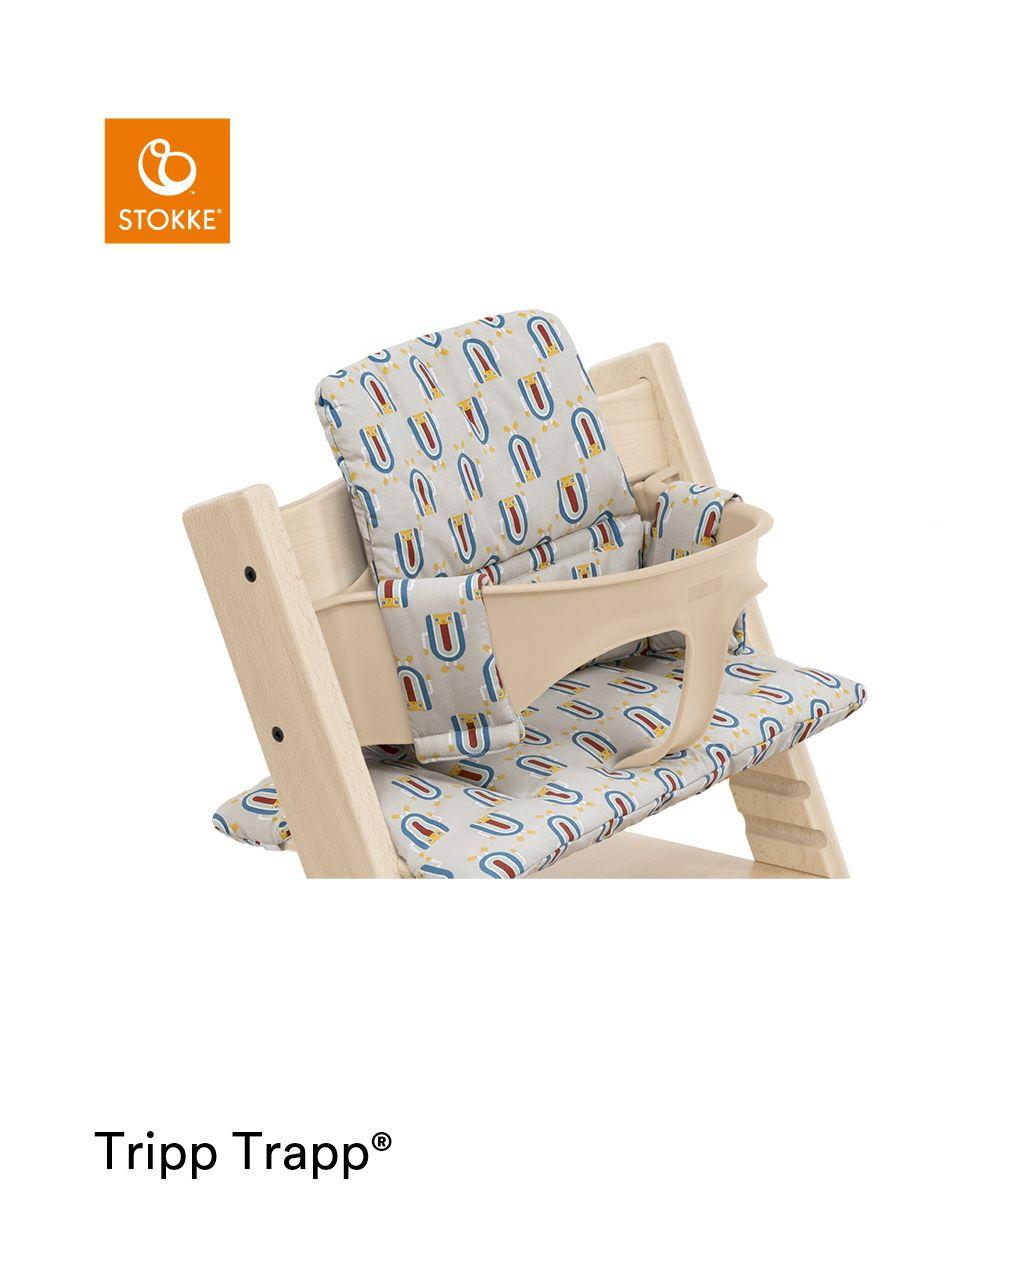 Tripp trapp® classic cushion robot grey ocs cuscino per seggiolone, morbido e avvolgente per il tuo bambino - Stokke